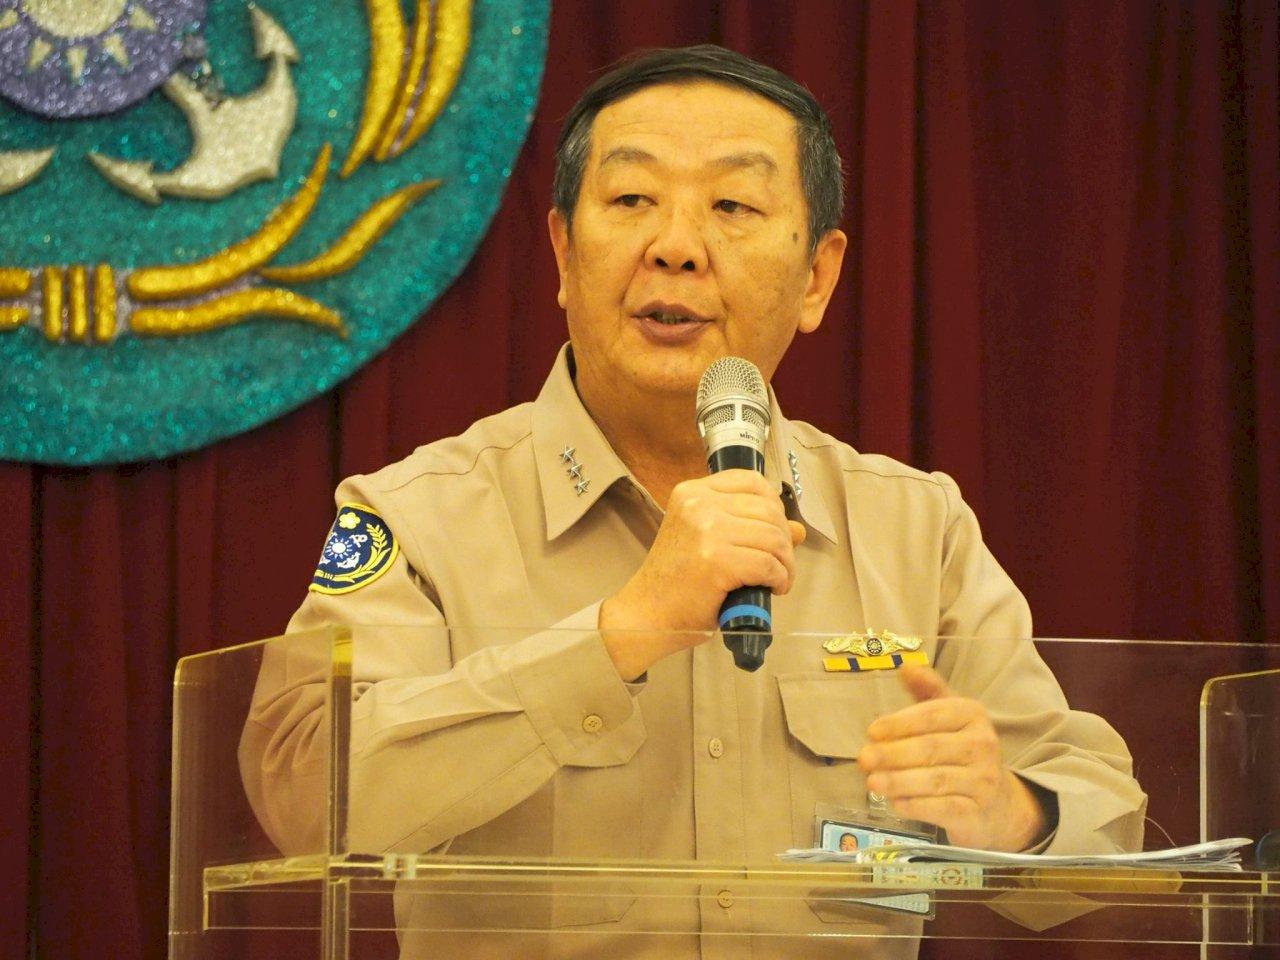 黃國章命案 海軍司令:任內會公開道歉